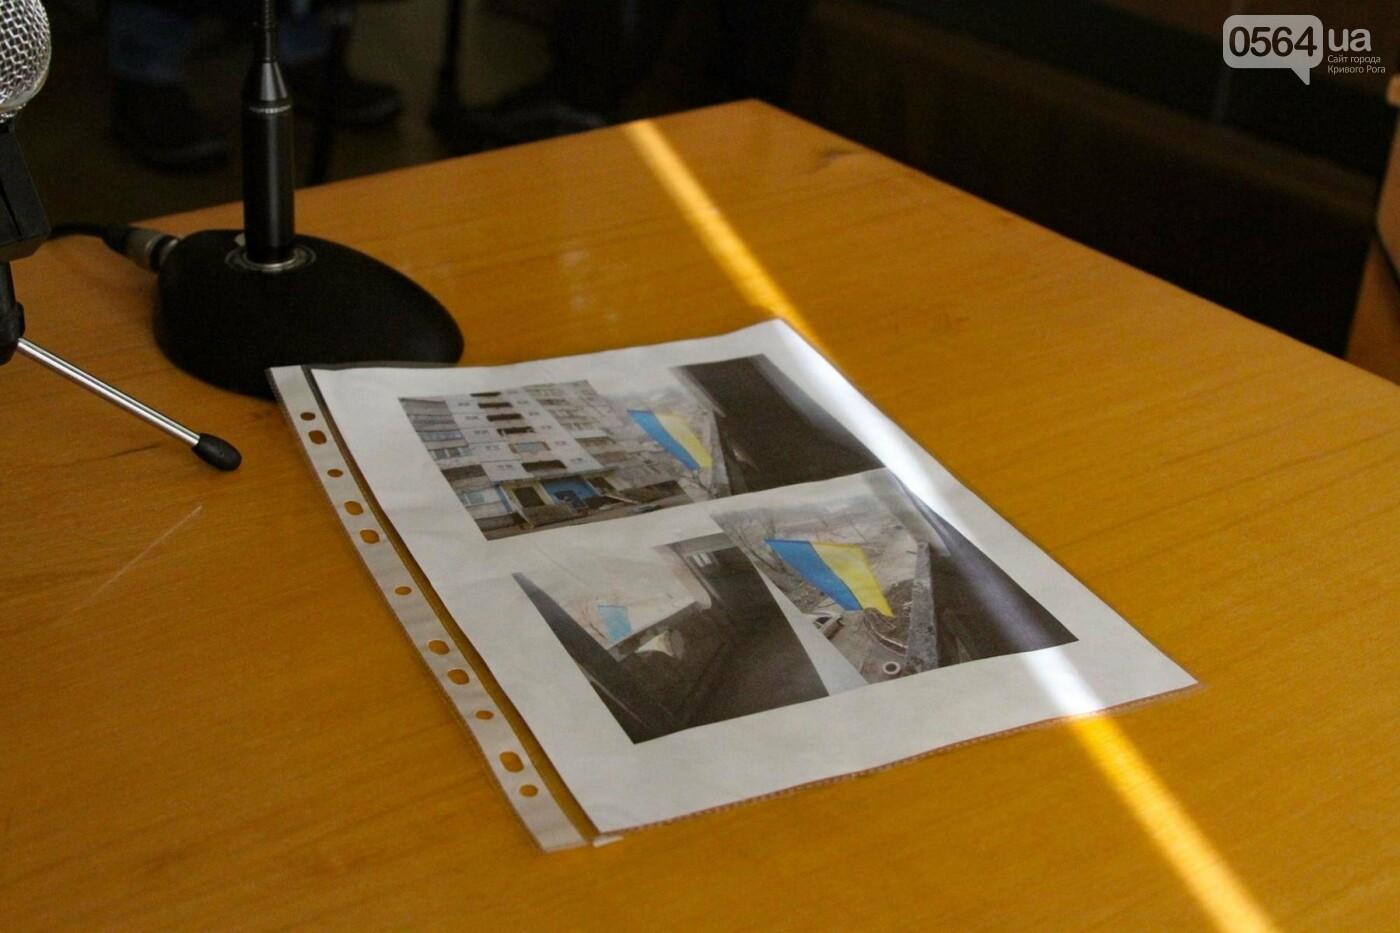 Дело о надругательстве над Флагом в Кривом Роге: Важного свидетеля доставят в суд принудительно (ОБНОВЛЕНО, ФОТО), фото-5